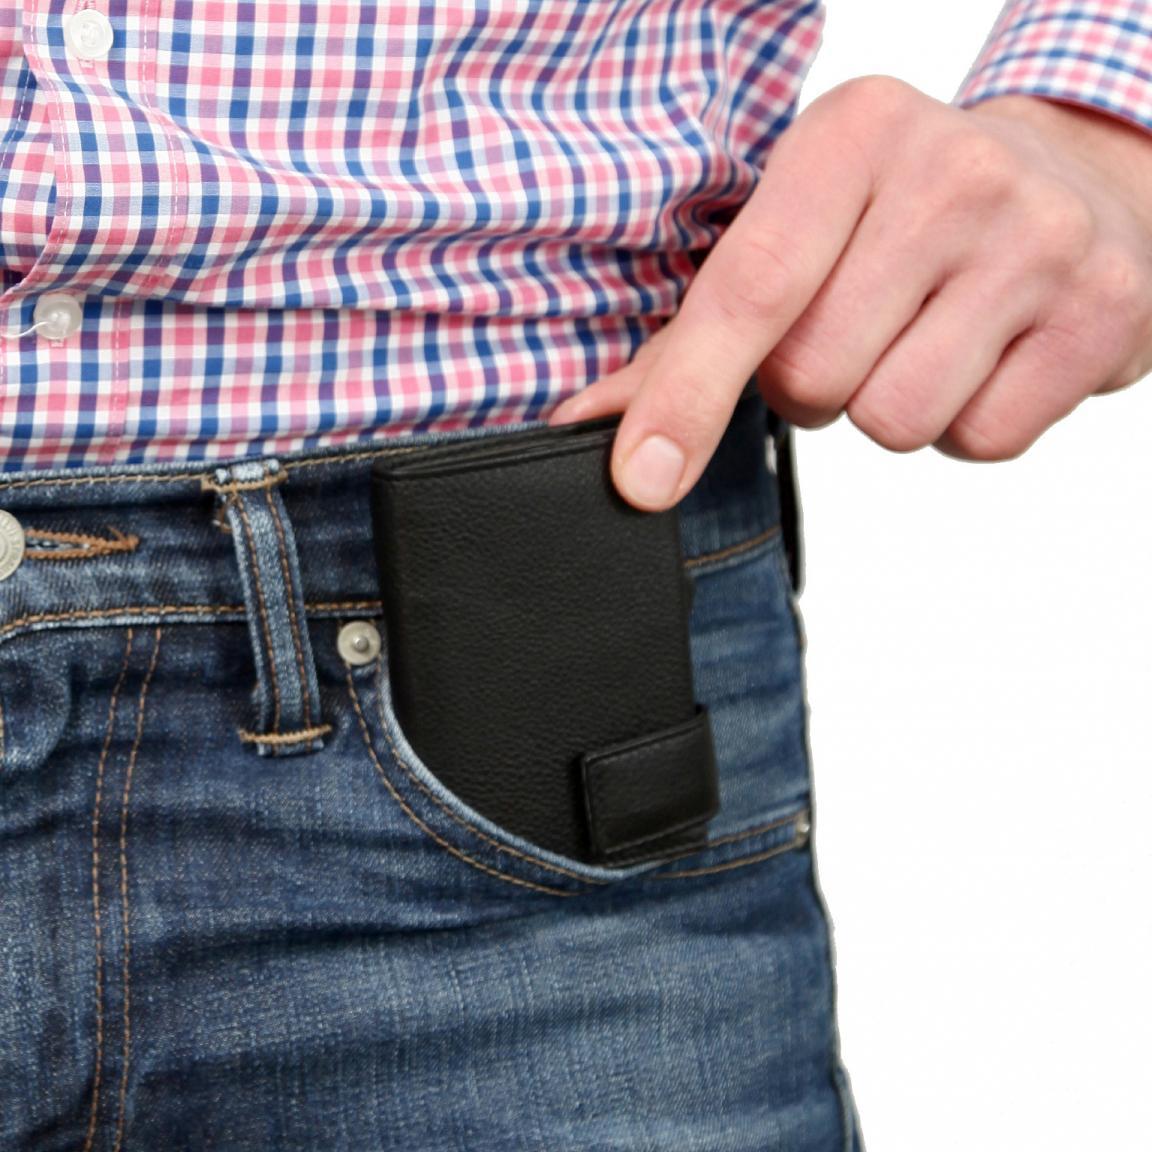 SecWal Kartenetui Geldbeutel RFID Ausleseschutz navy blau